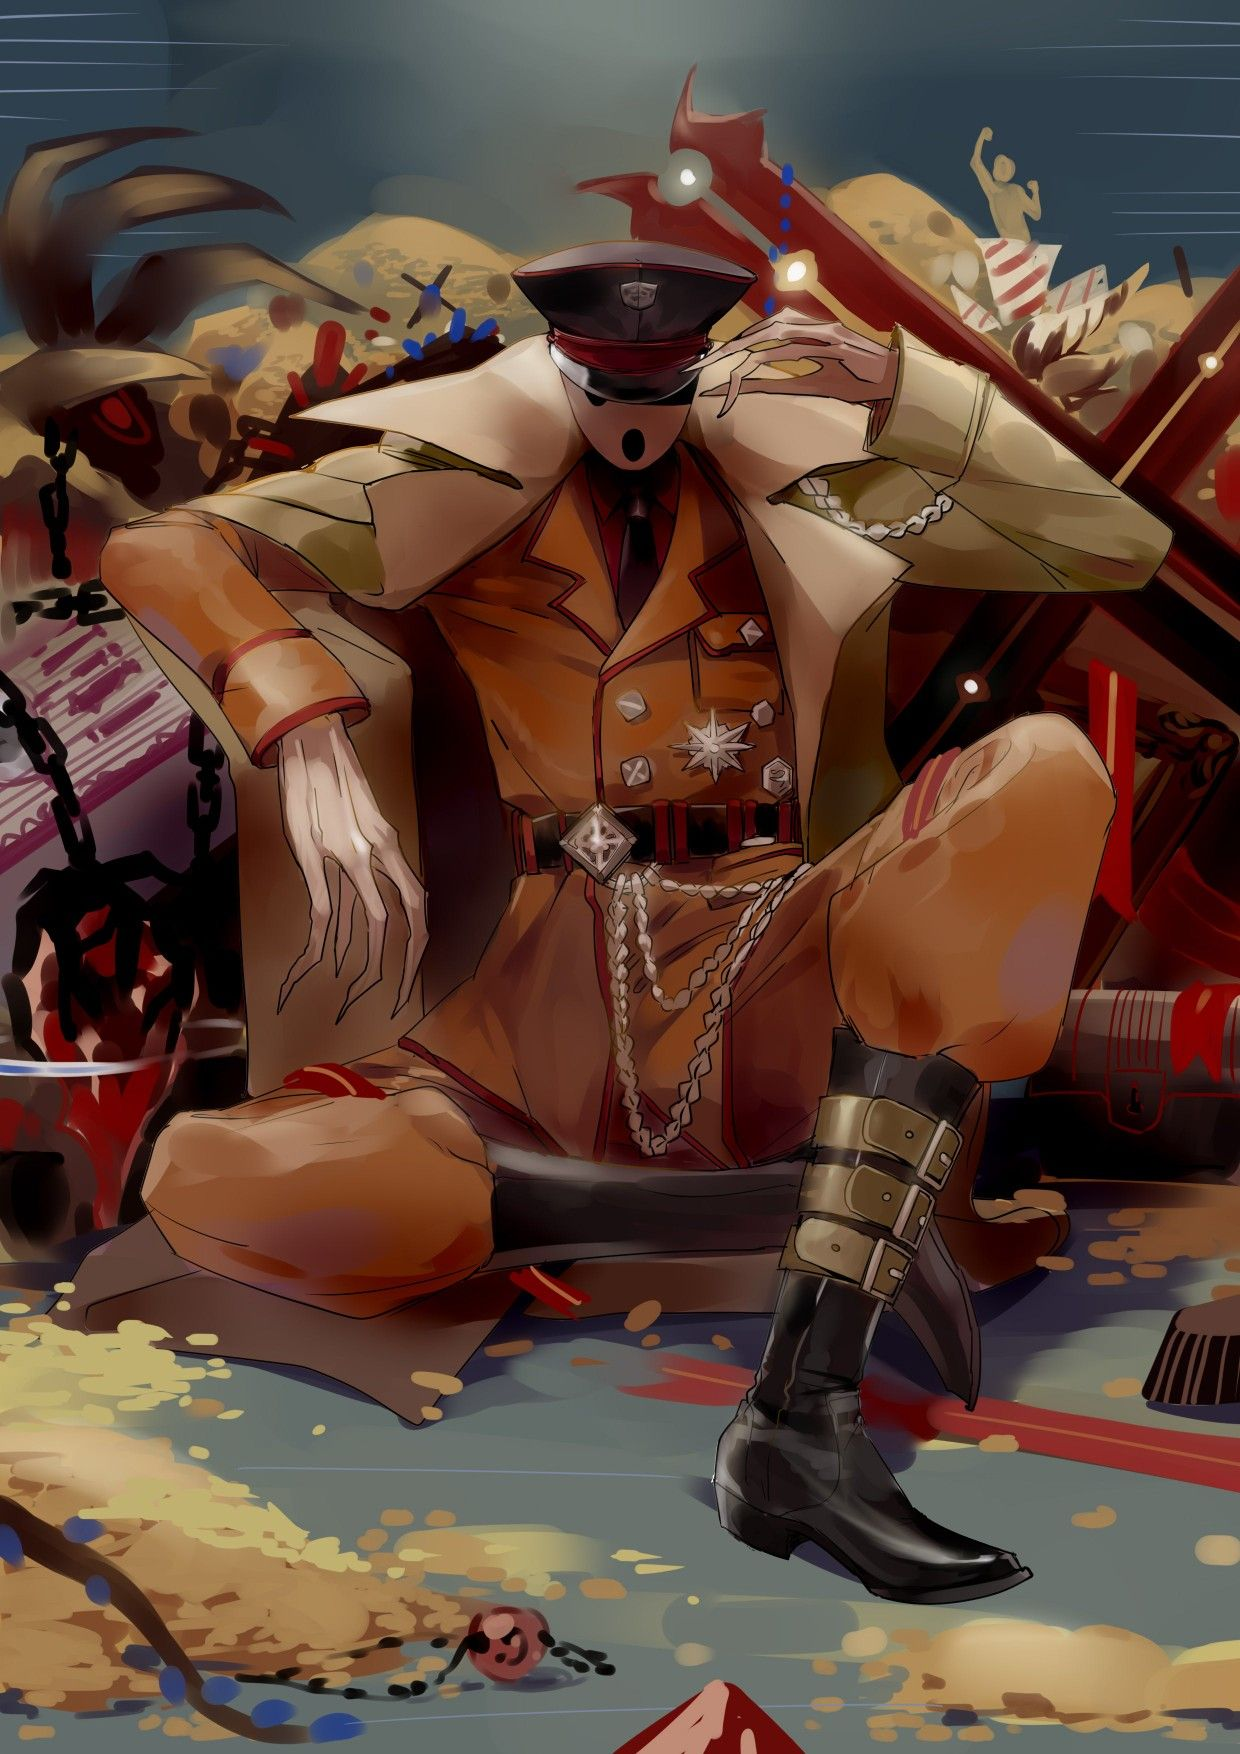 Overlord nazarick ainz momonga germany look anime art